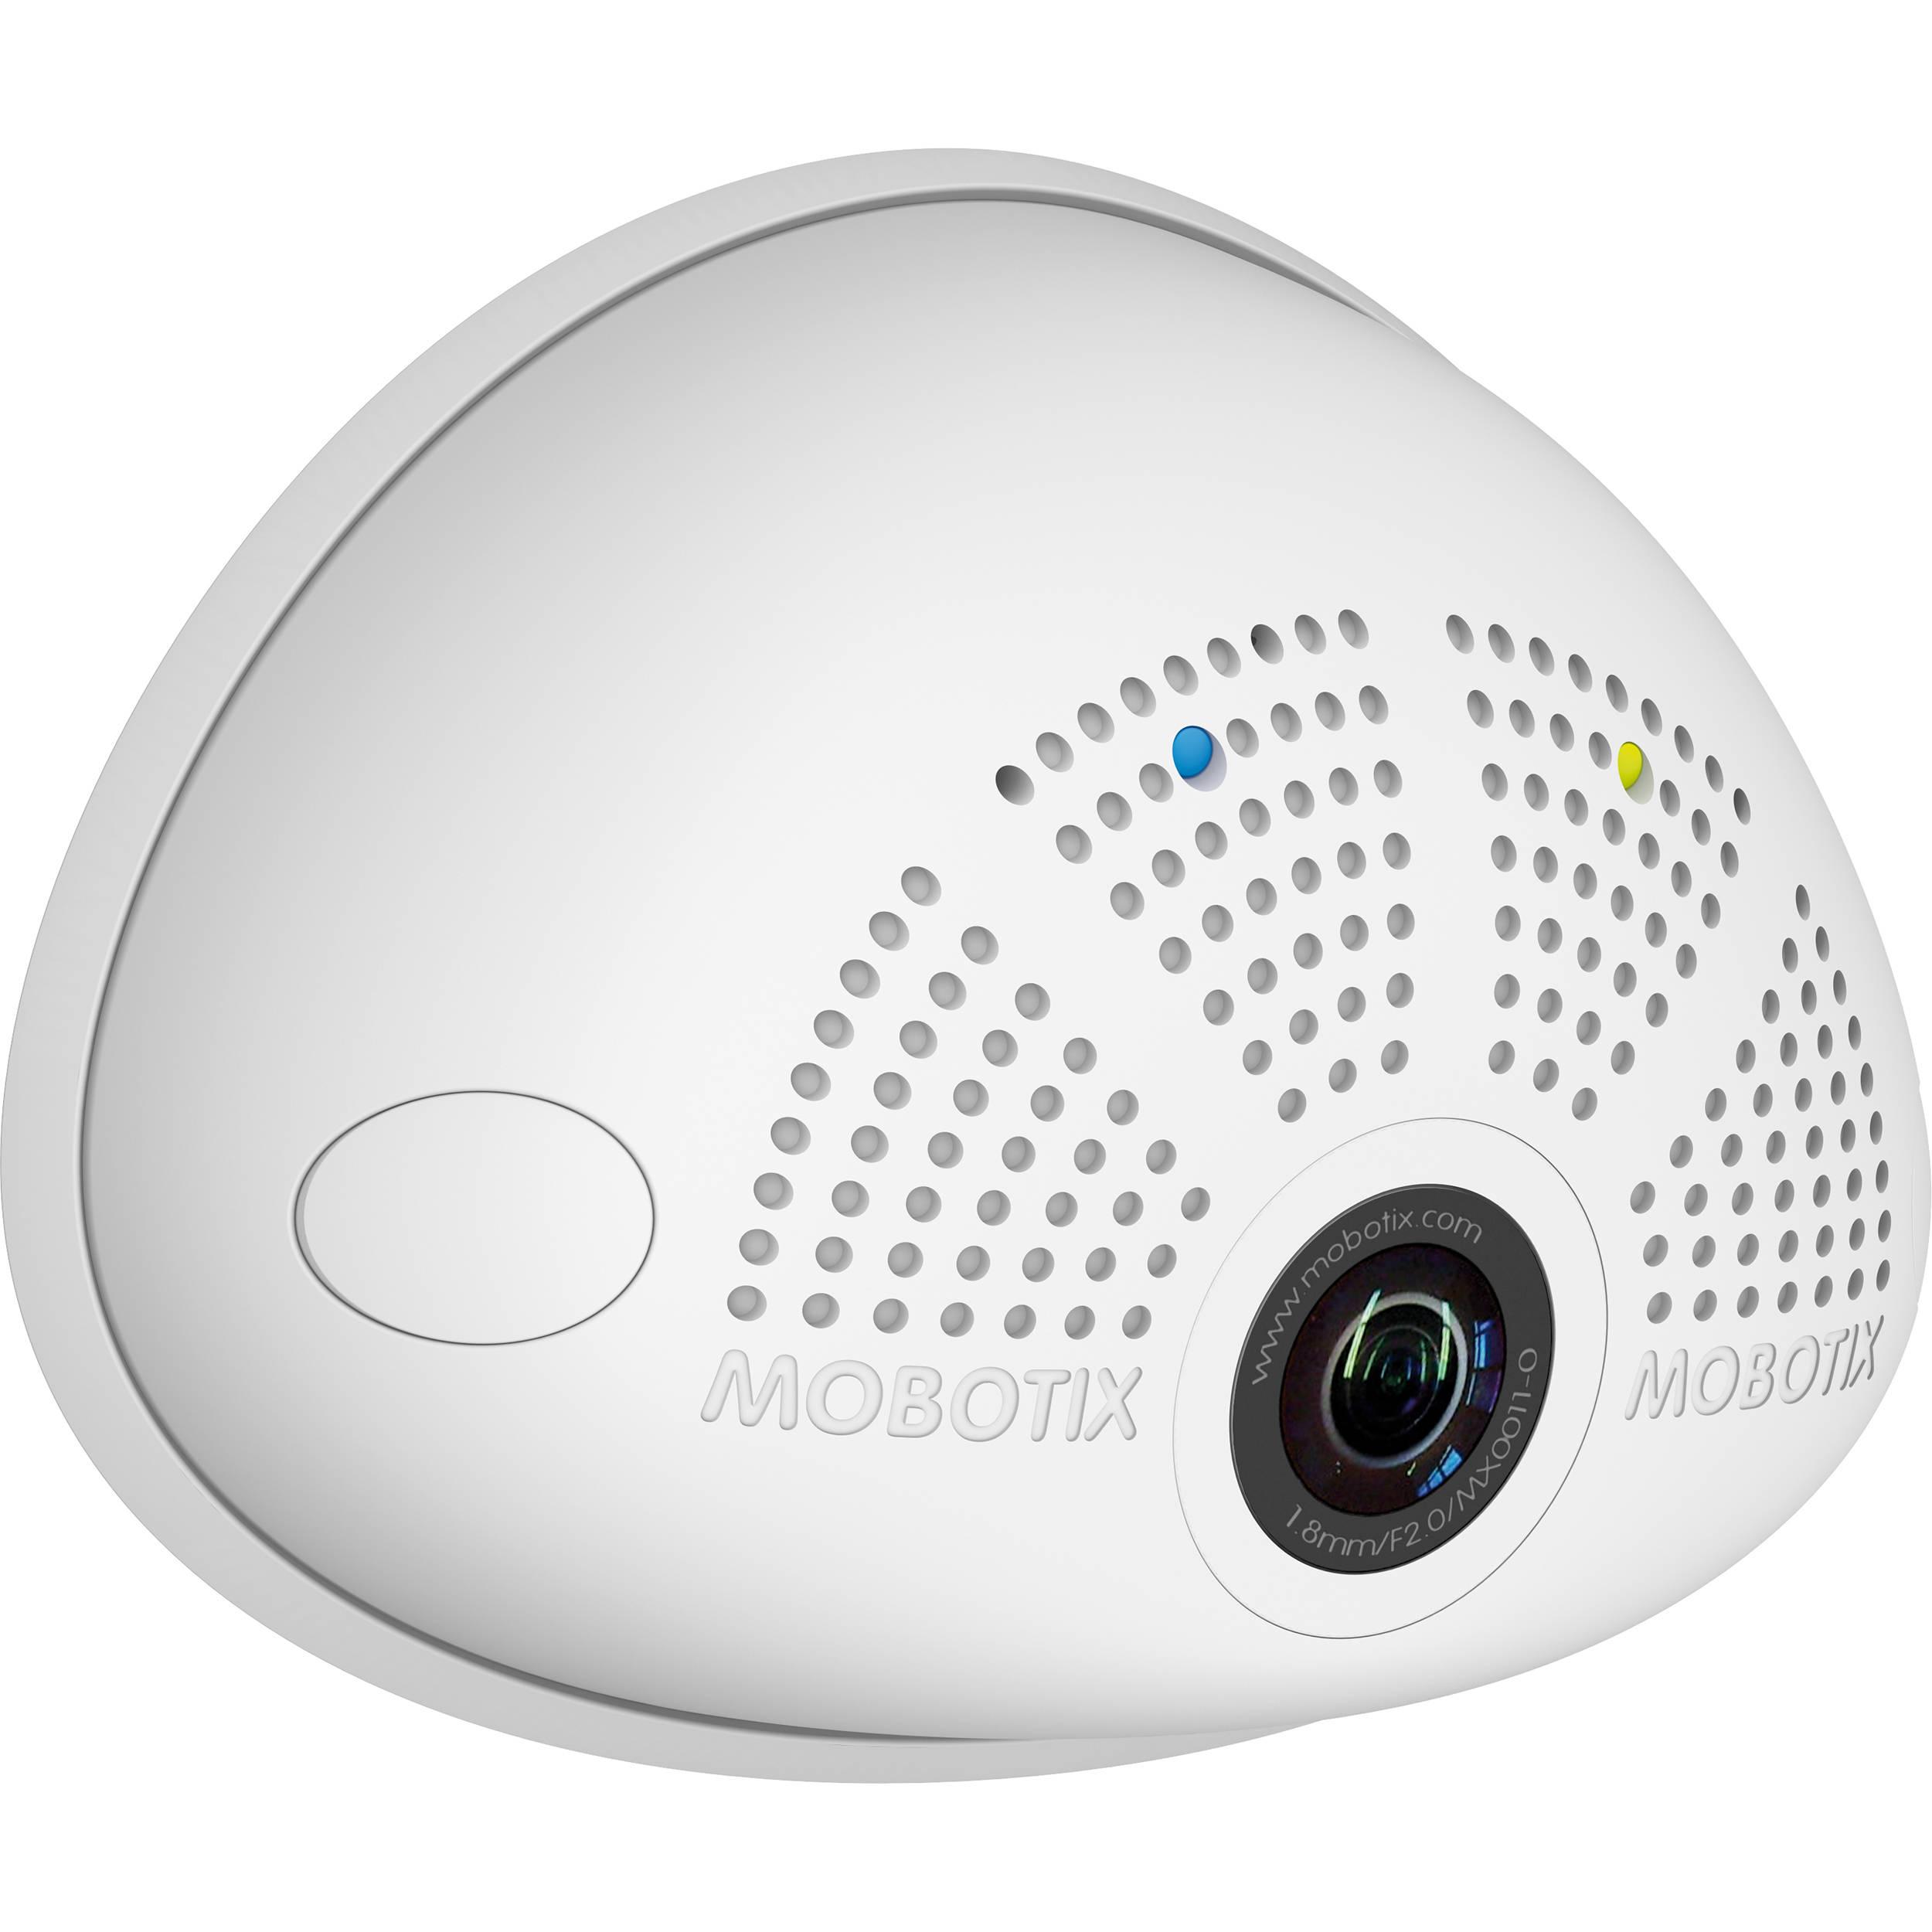 MOBOTIX D12 Network Camera Driver